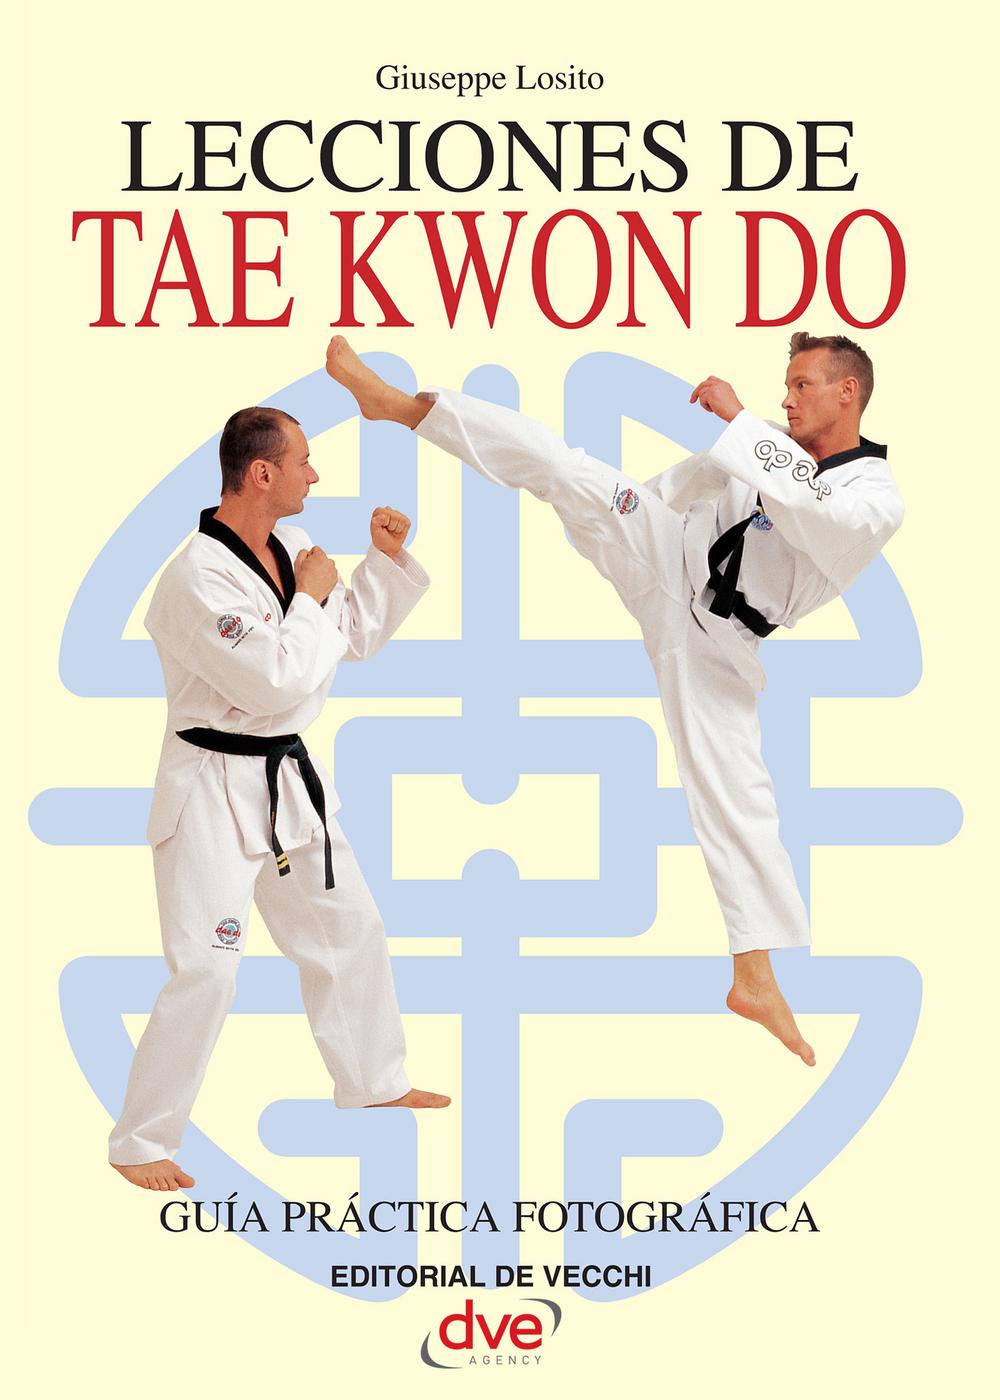 Lecciones de Tae Kwon Do